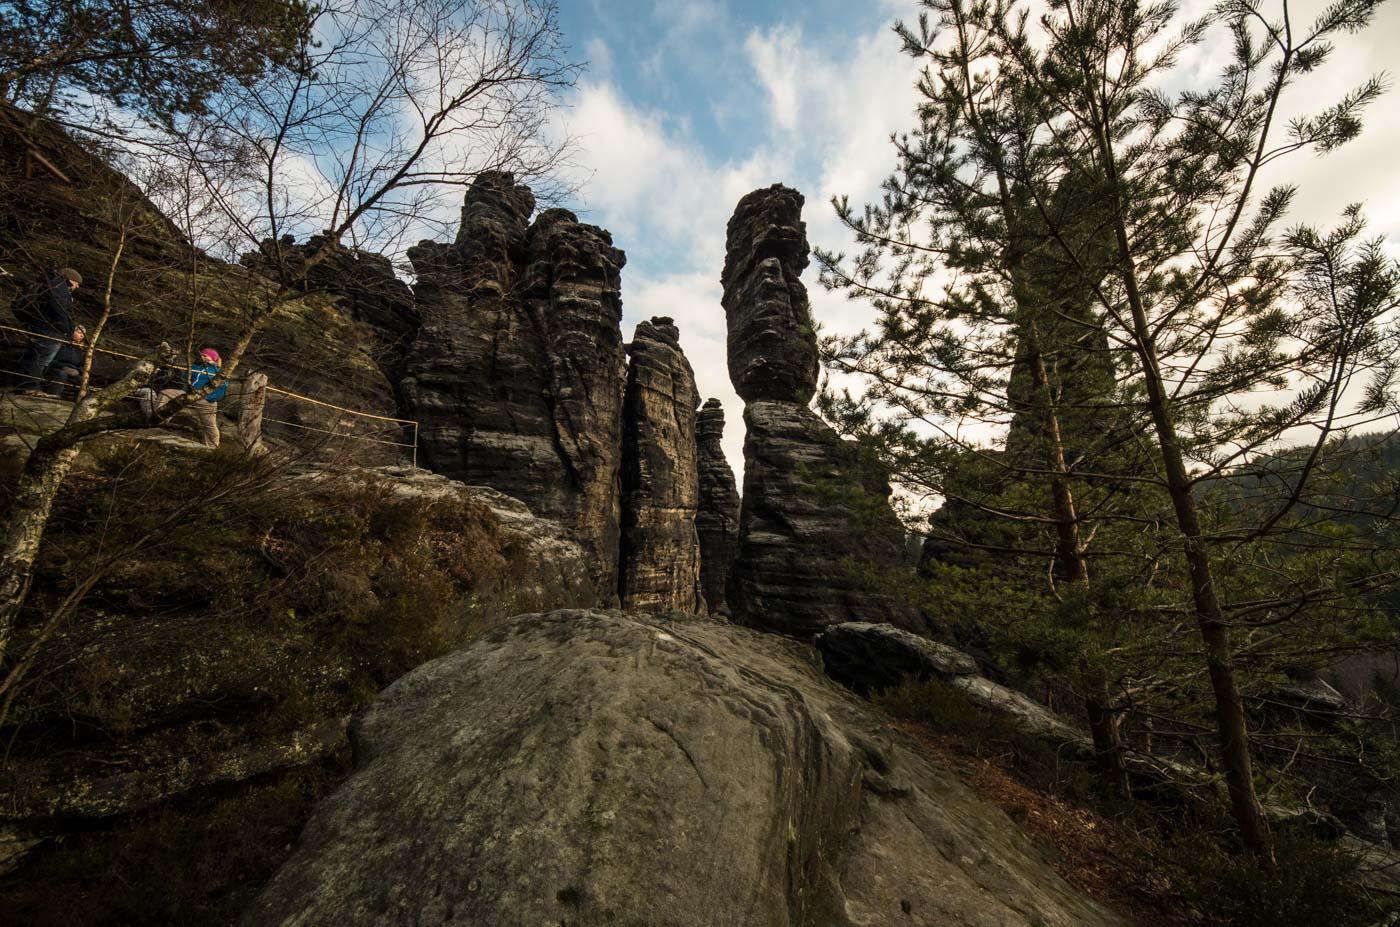 Felsnadeln oberhalb von Schweizermühle/Bielathal